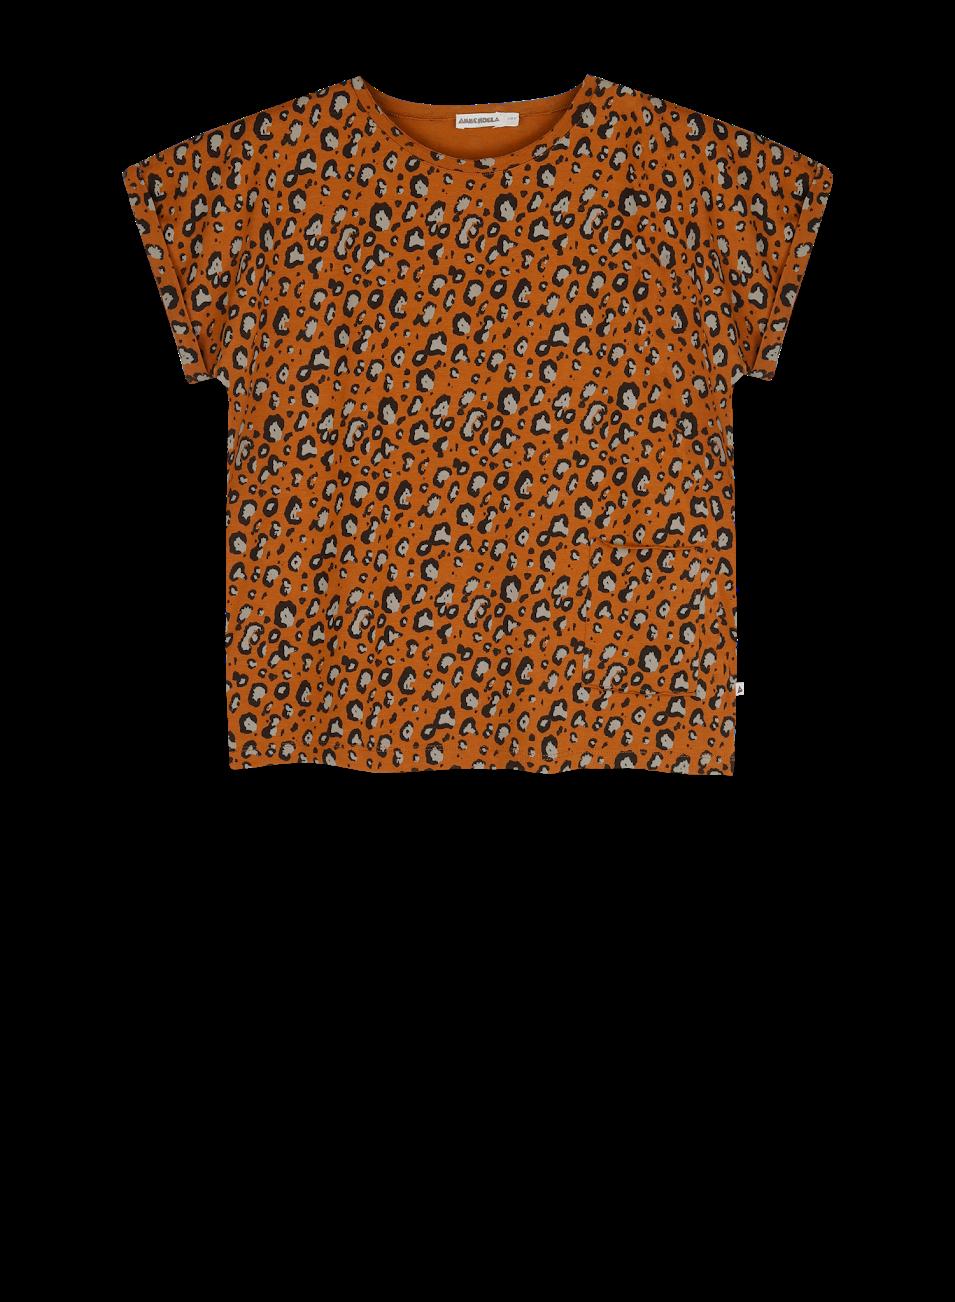 Ammehoela Ammehoela - Sunny.06 leopard